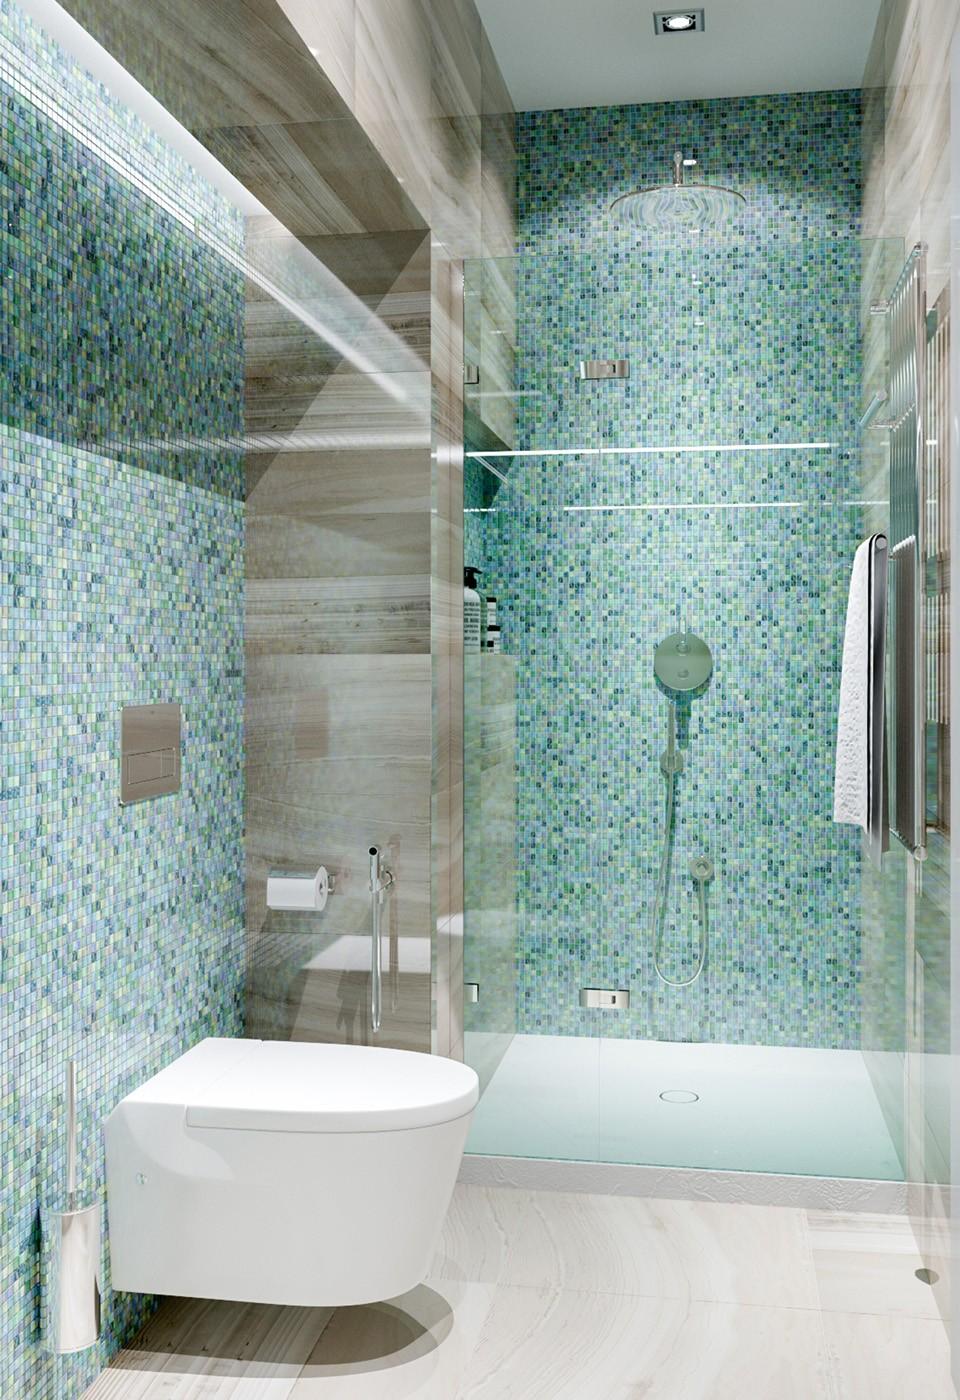 Mosaico Per Bagno Doccia.Bagno Con Mosaico La Tradizione Che Arreda